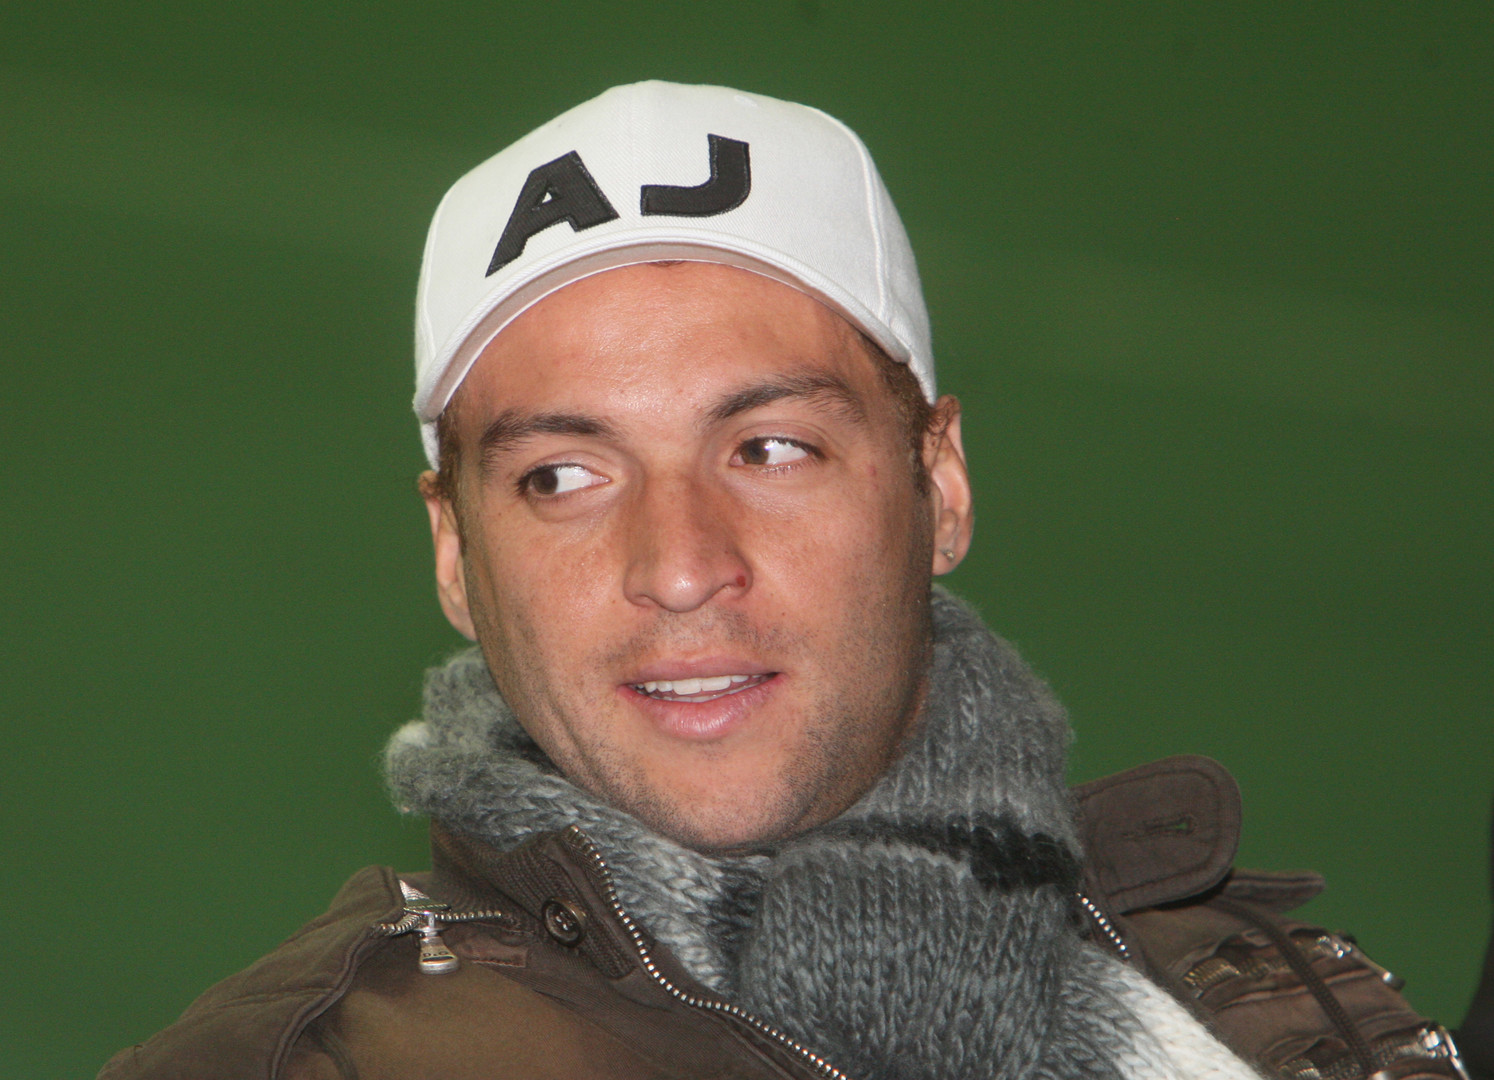 Последняя самба Карвальо: обладатель кубка УЕФА в составе ЦСКА завершил карьеру